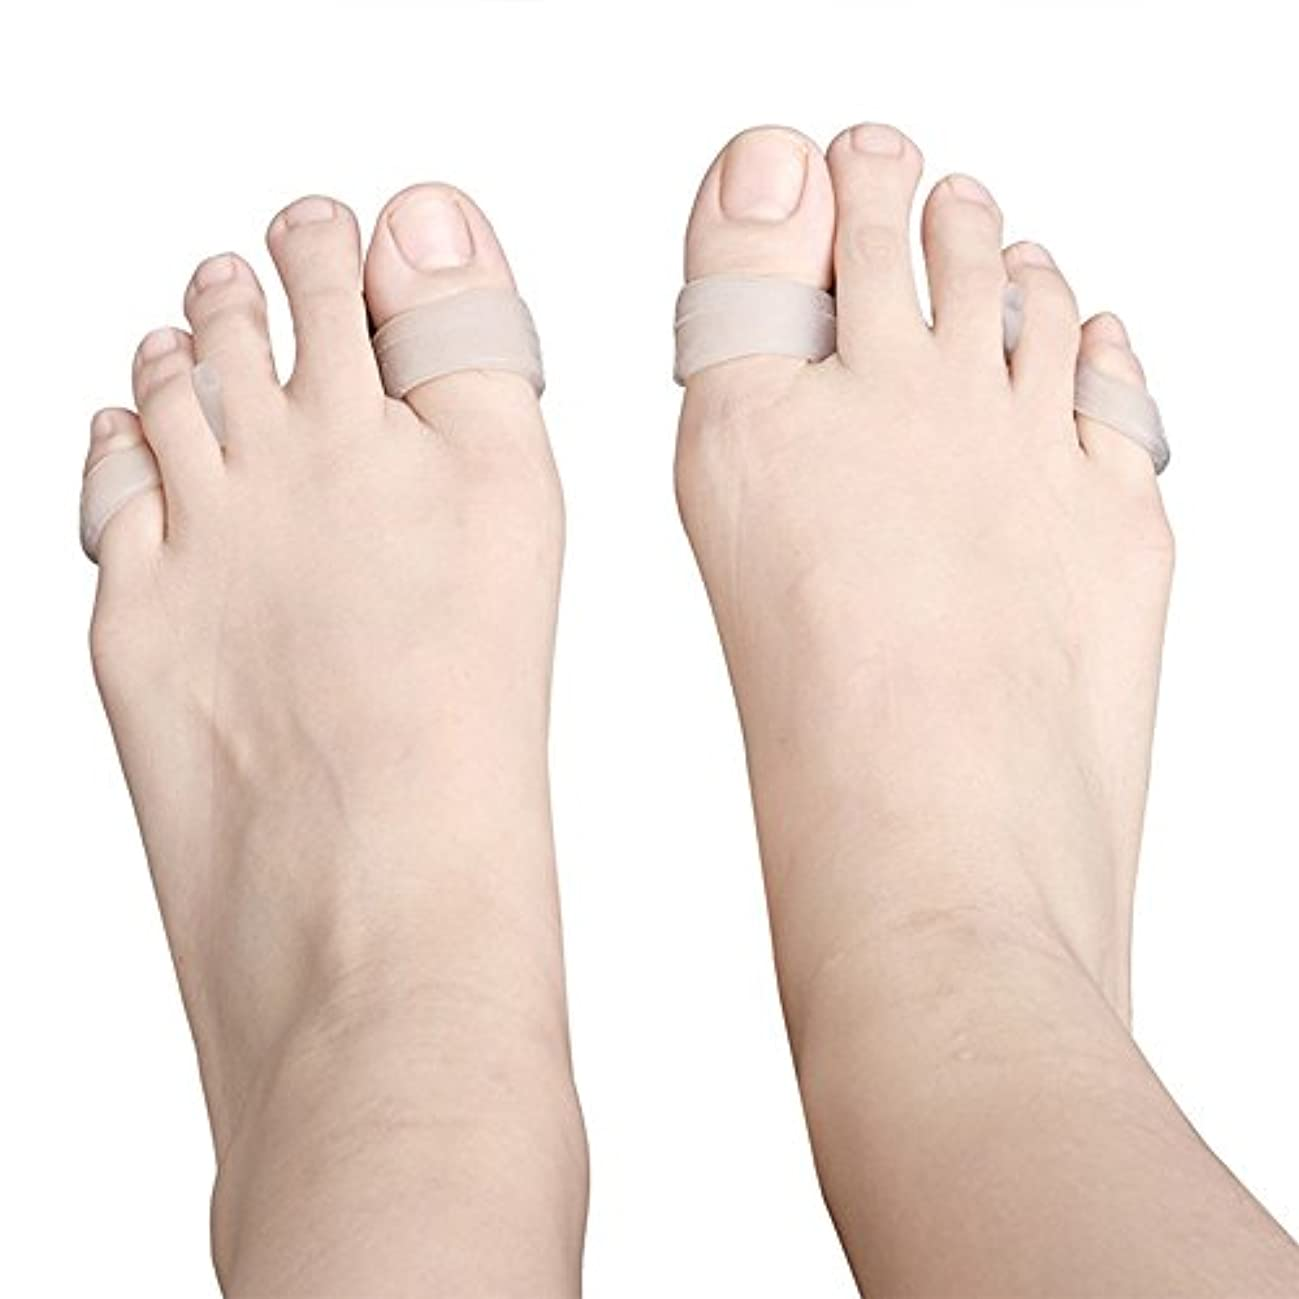 タイトファンドリーガン5ペアつま先セパレーター外反母趾重複矯正分離スペーサーヨガハンマーつま先ストレッチャーシリコーン,A